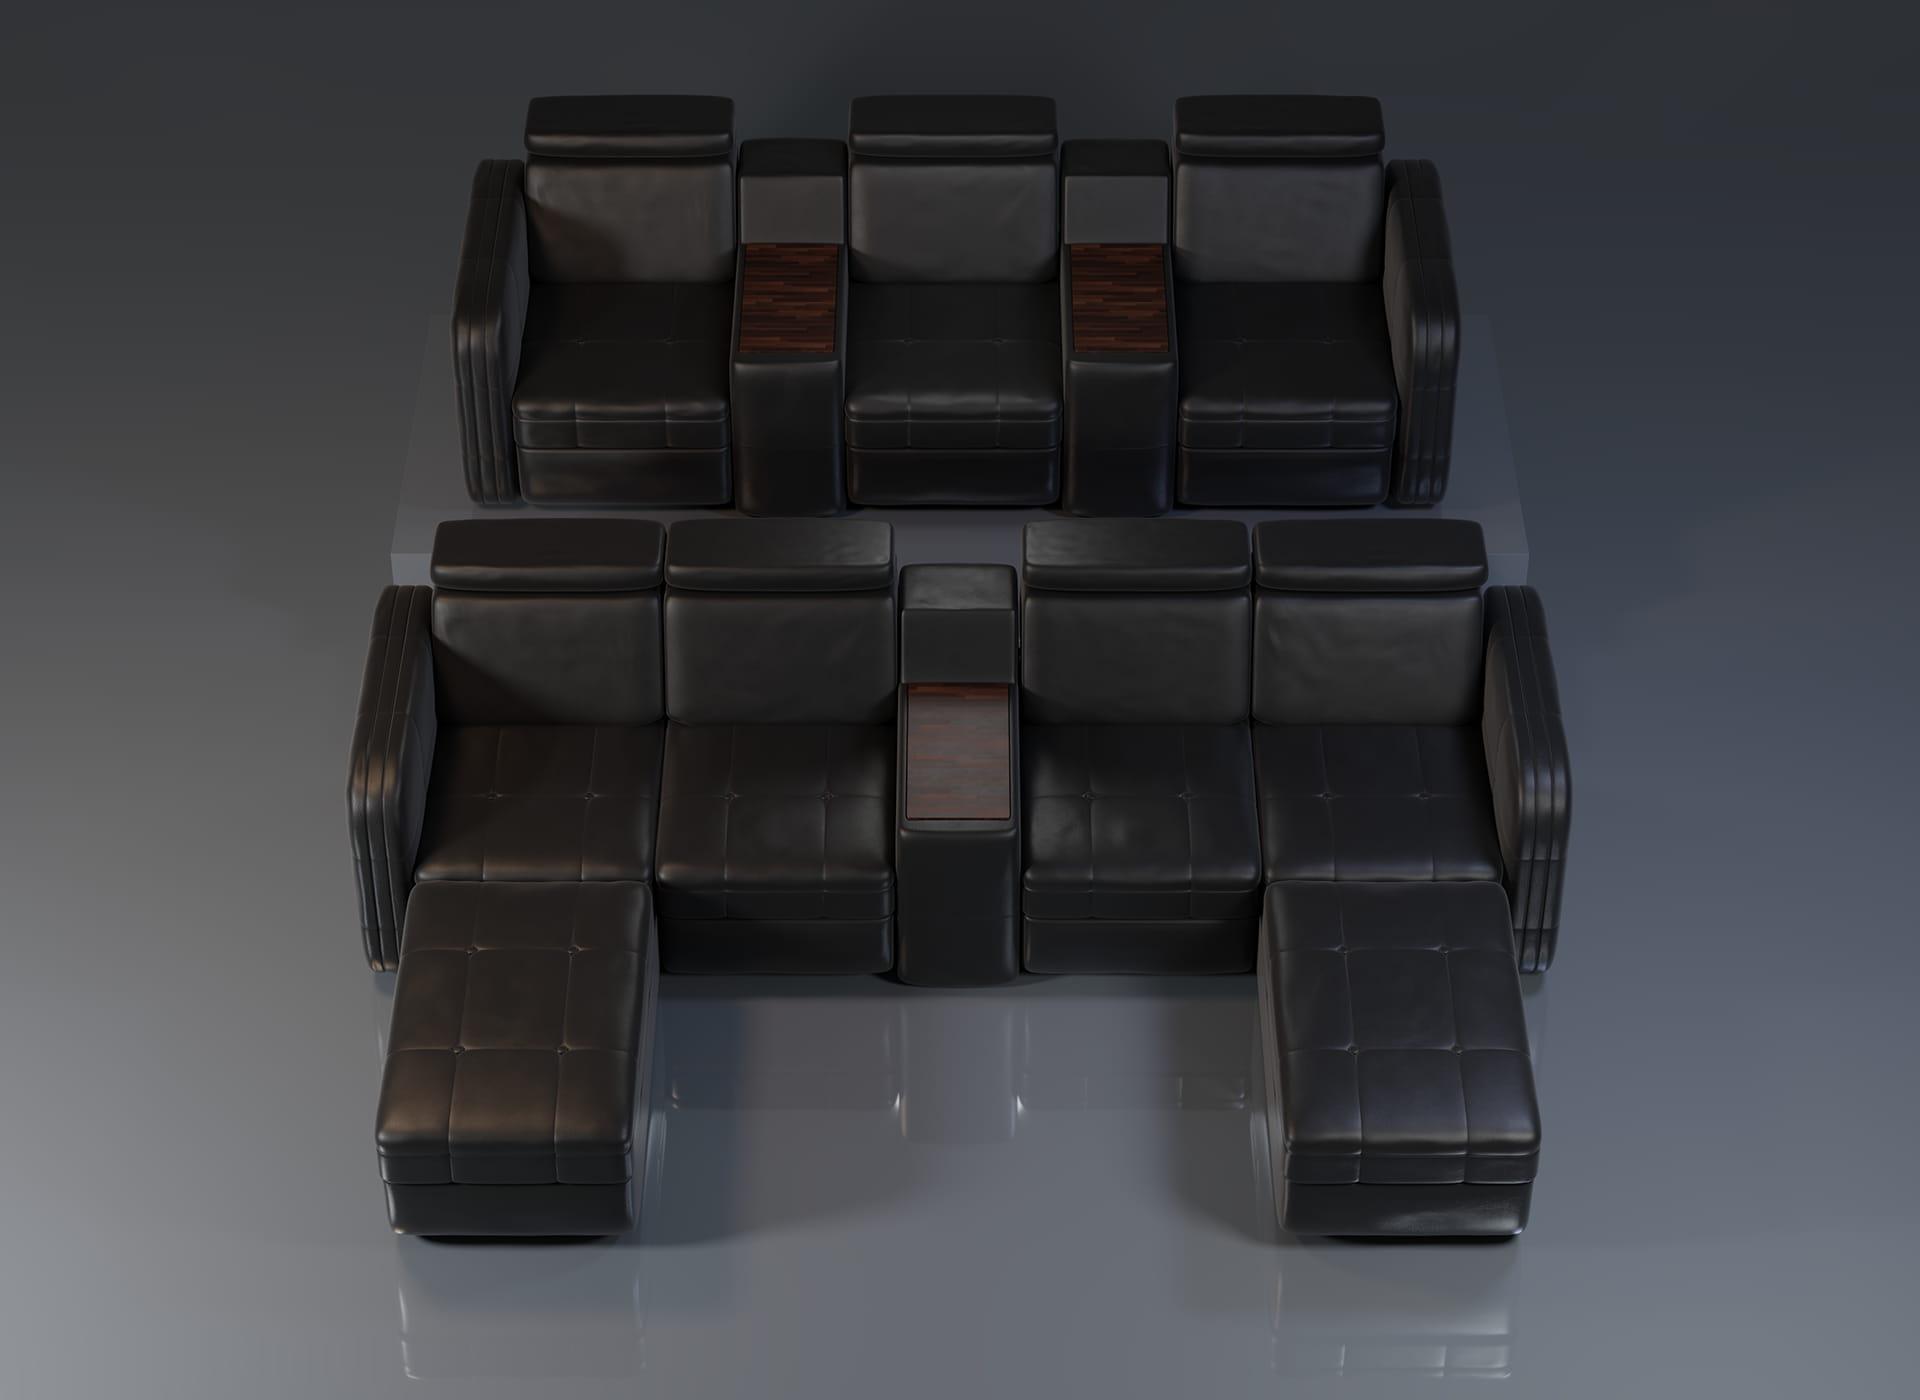 Projekt modelu 3d foteli kinowych / sofa kinowa do kina, czarna skóra oraz wykończenie drewnem - widok z przodu